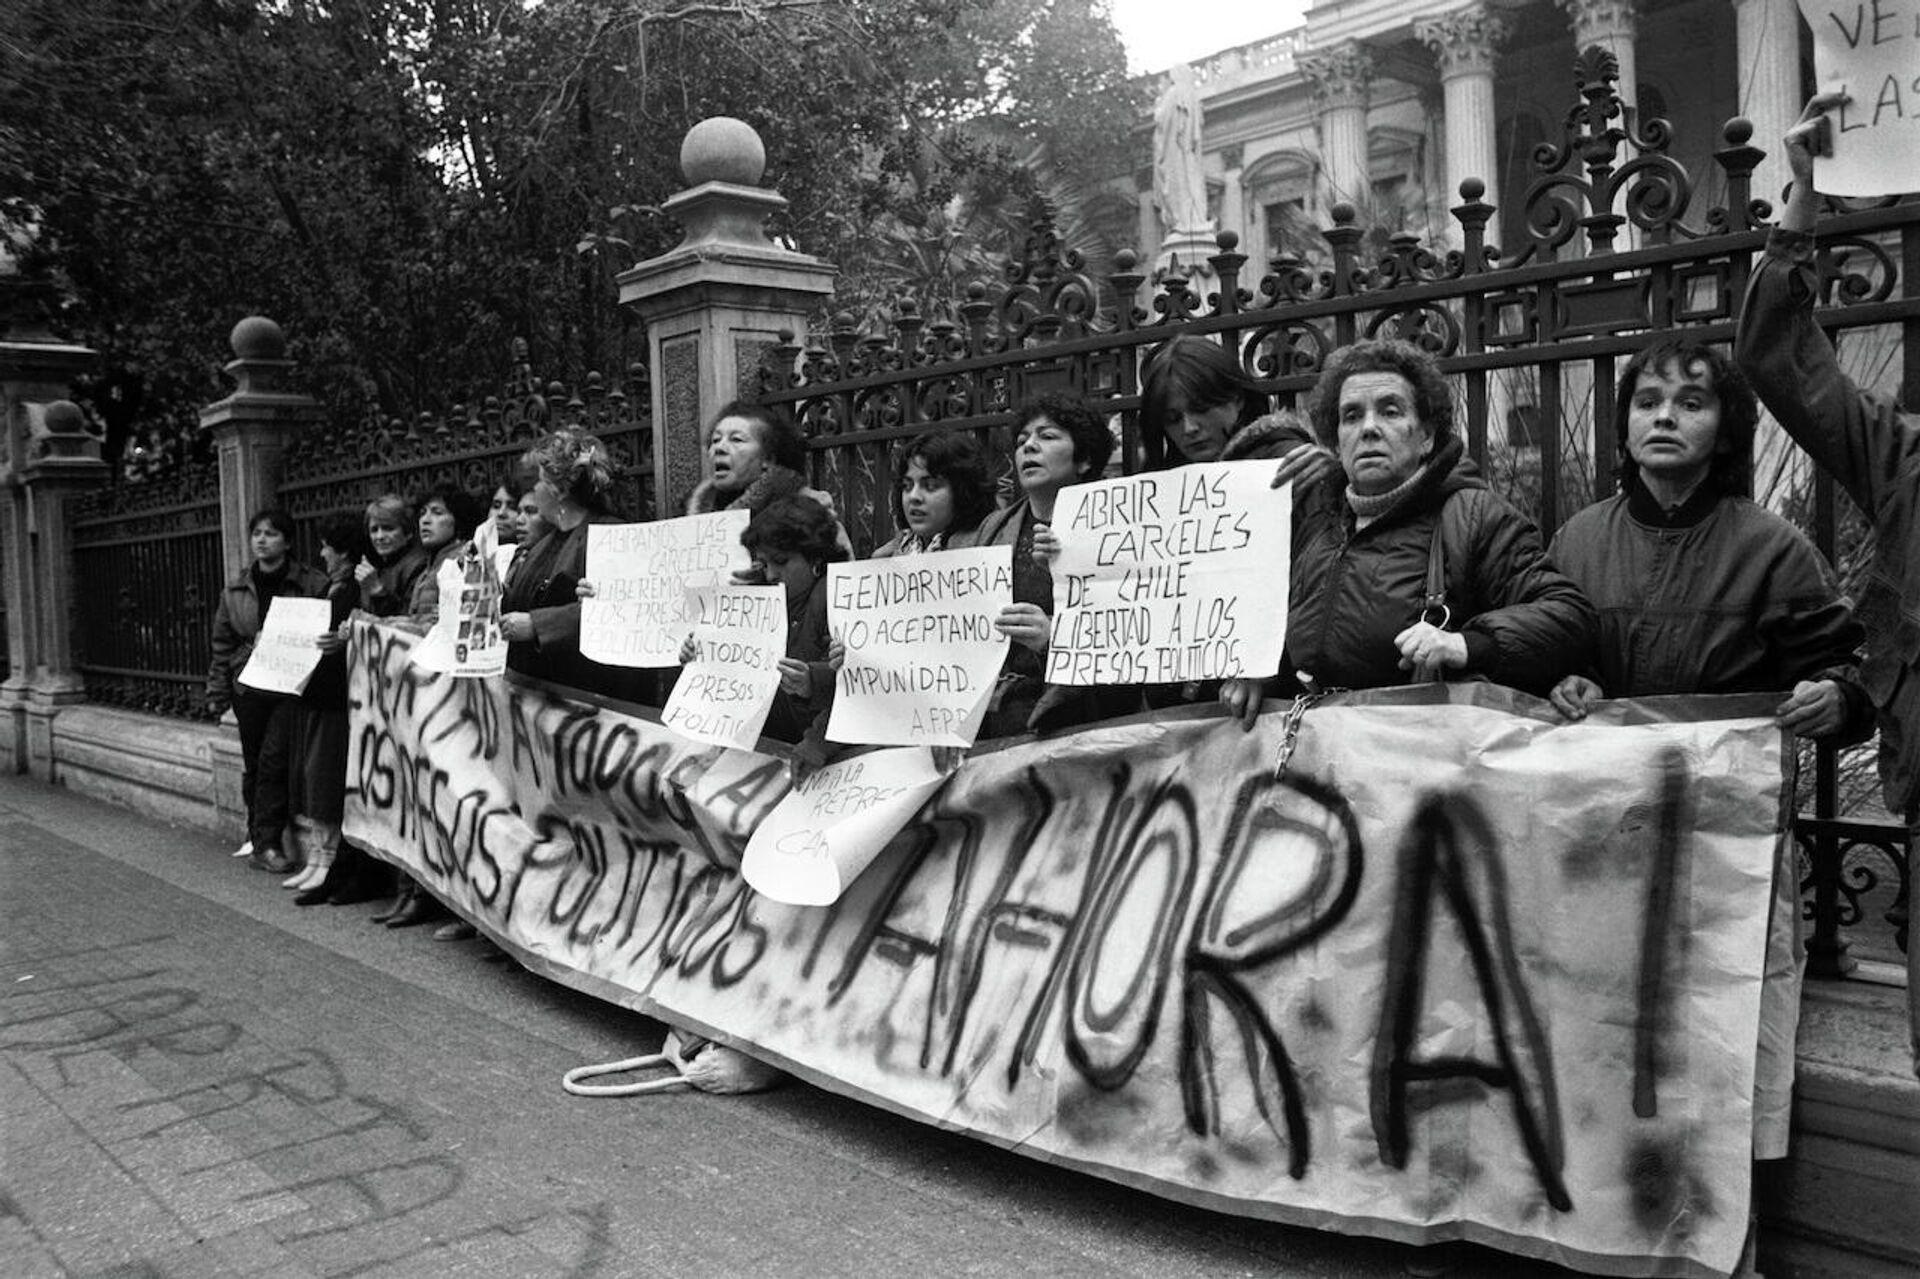 Cuatro mujeres de la AFPP encadenadas a tribunales  en 1986  - Sputnik Mundo, 1920, 30.09.2021